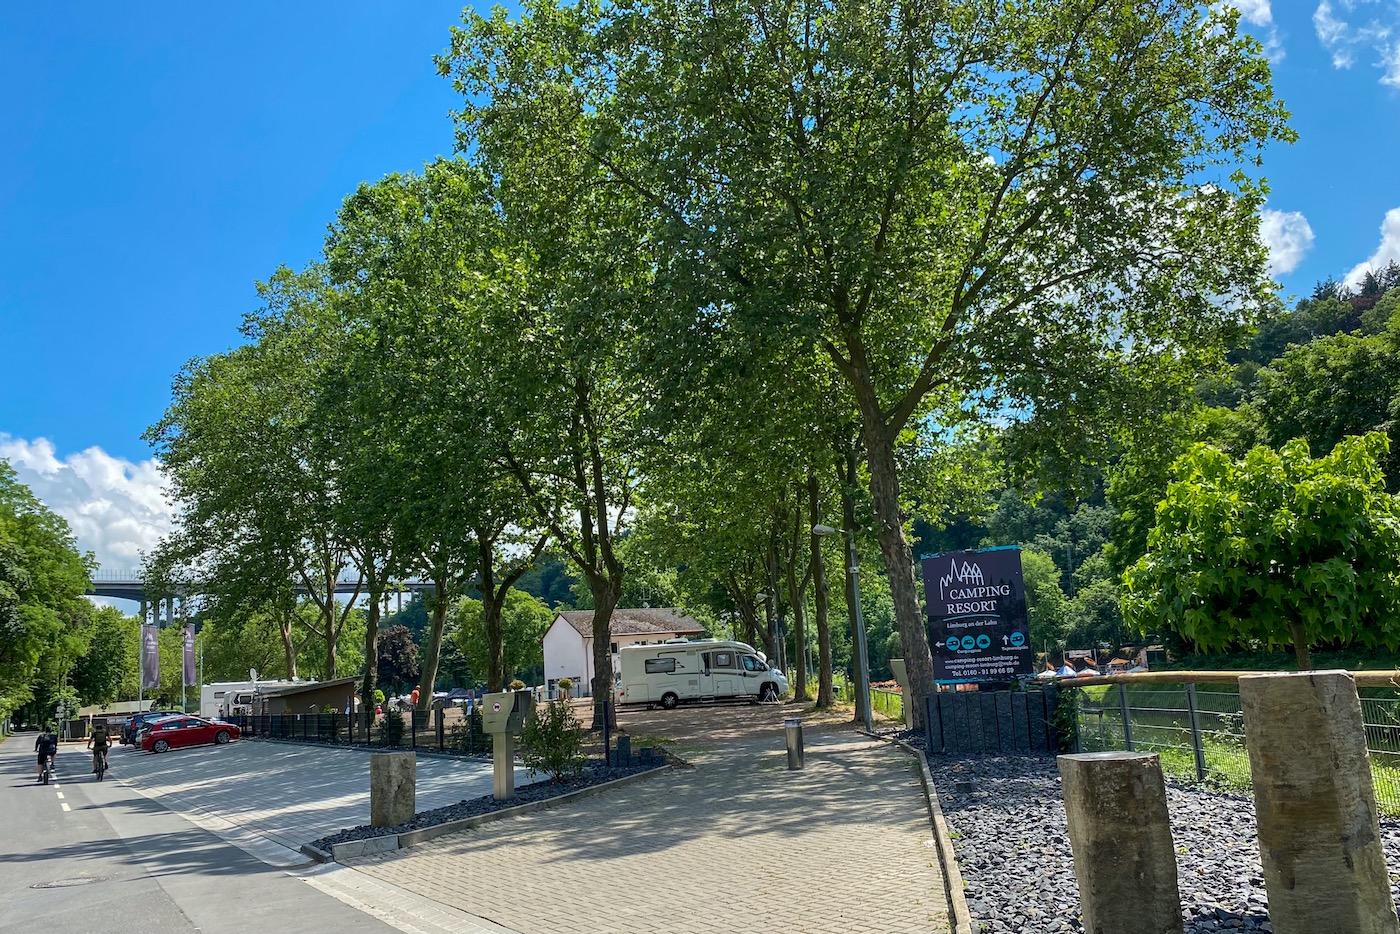 Fotoimpressionen aus Limburg an der Lahn